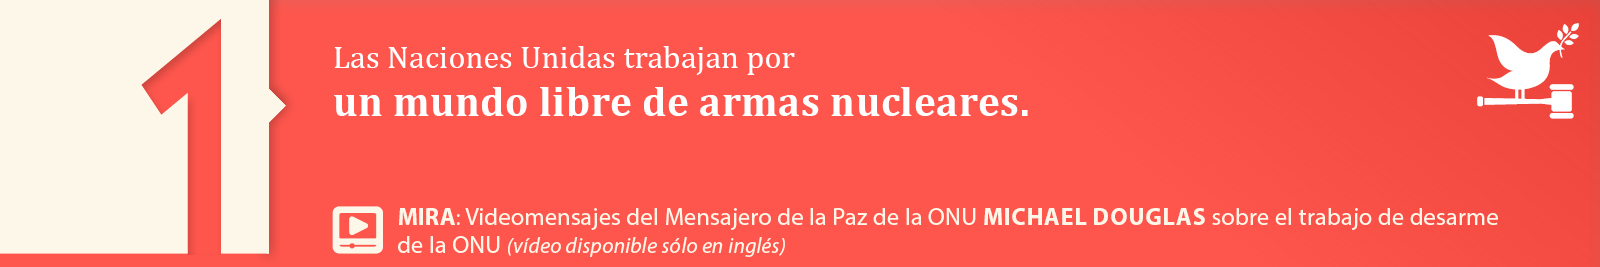 1. Un mundo libre de armas nucleares.